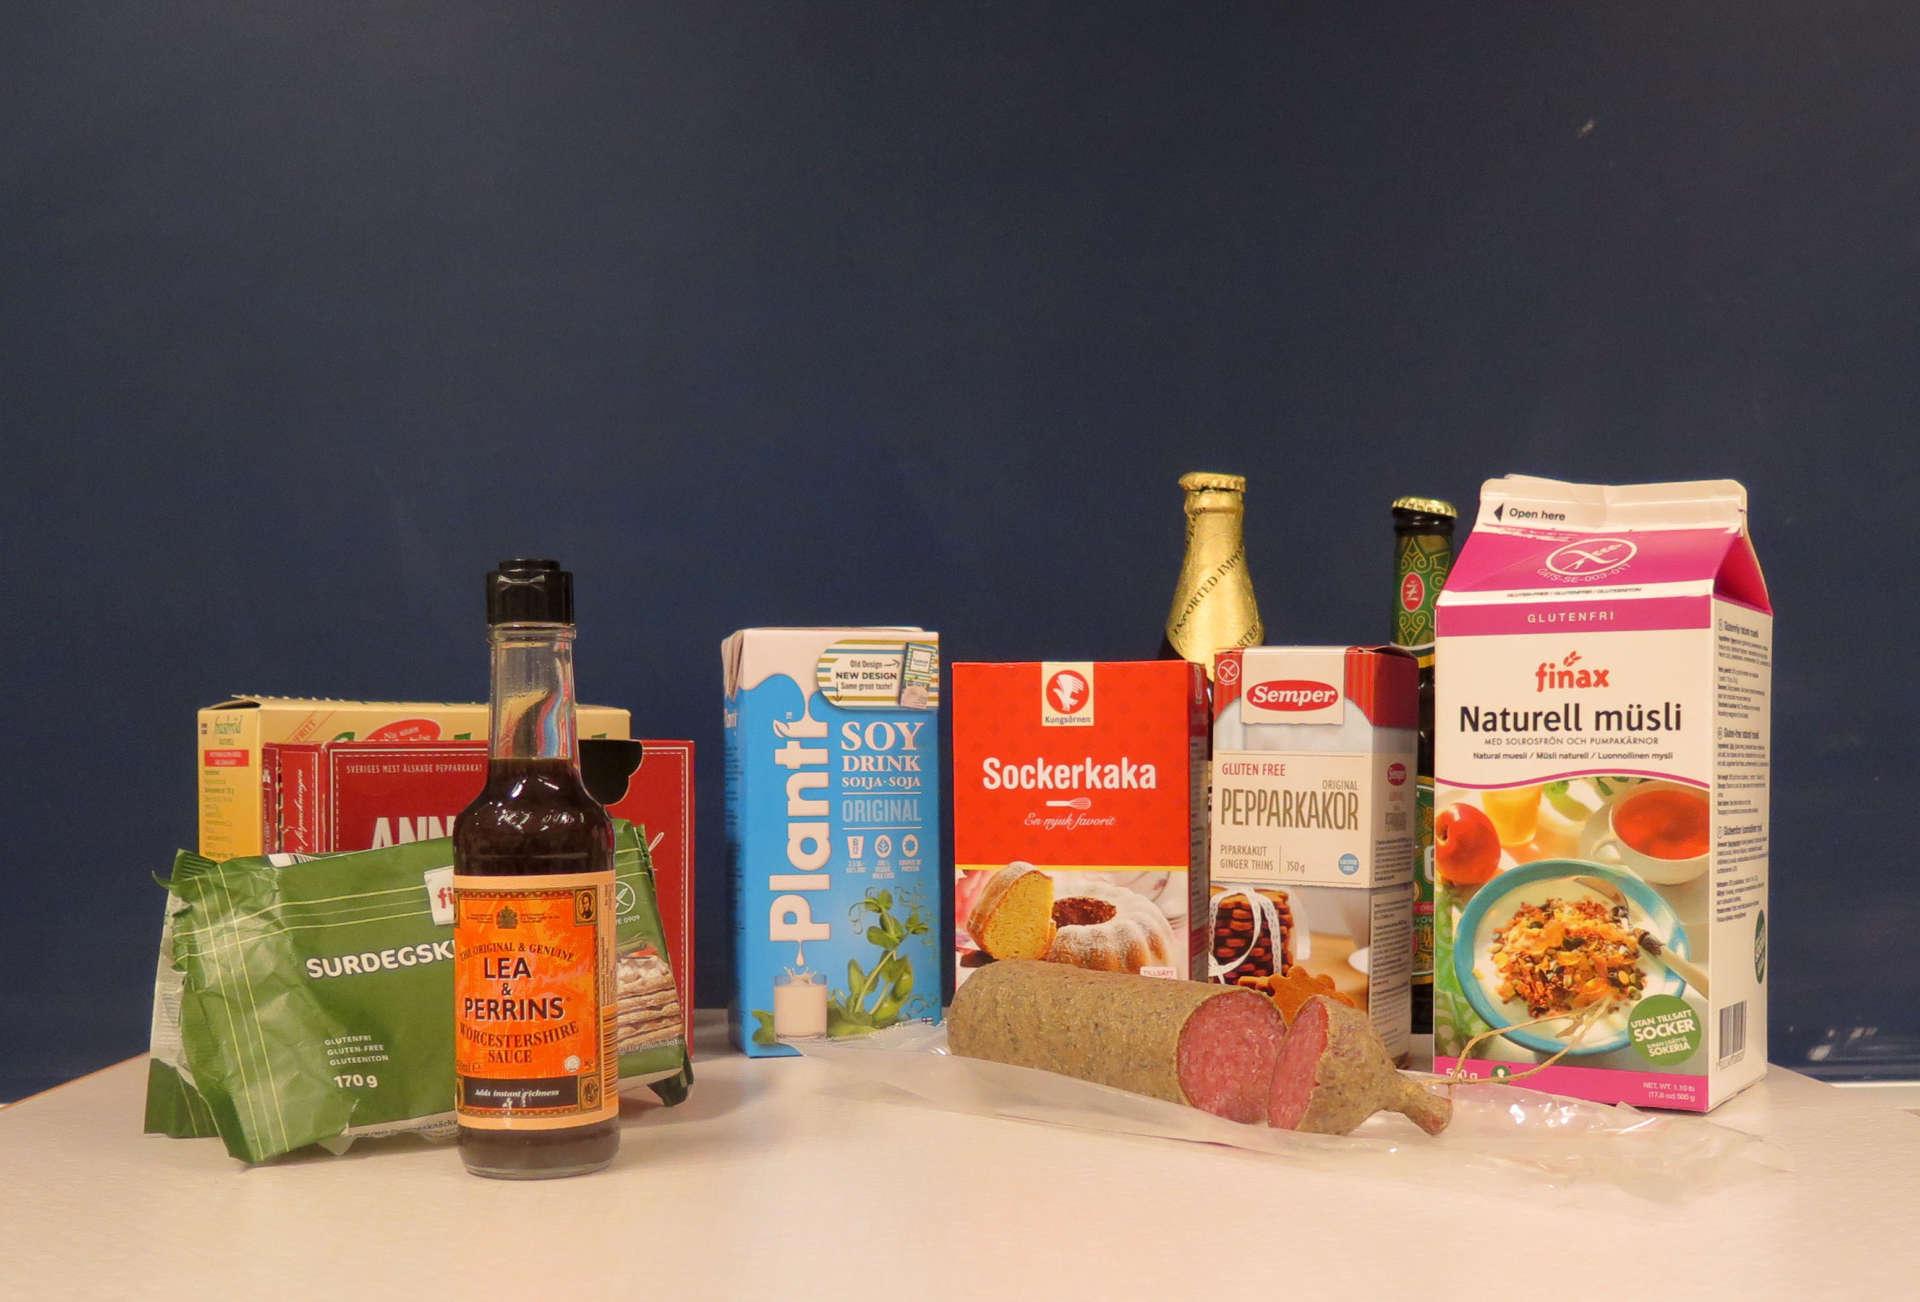 Innehåller matvarorna gluten? Foto: Bioresurs.